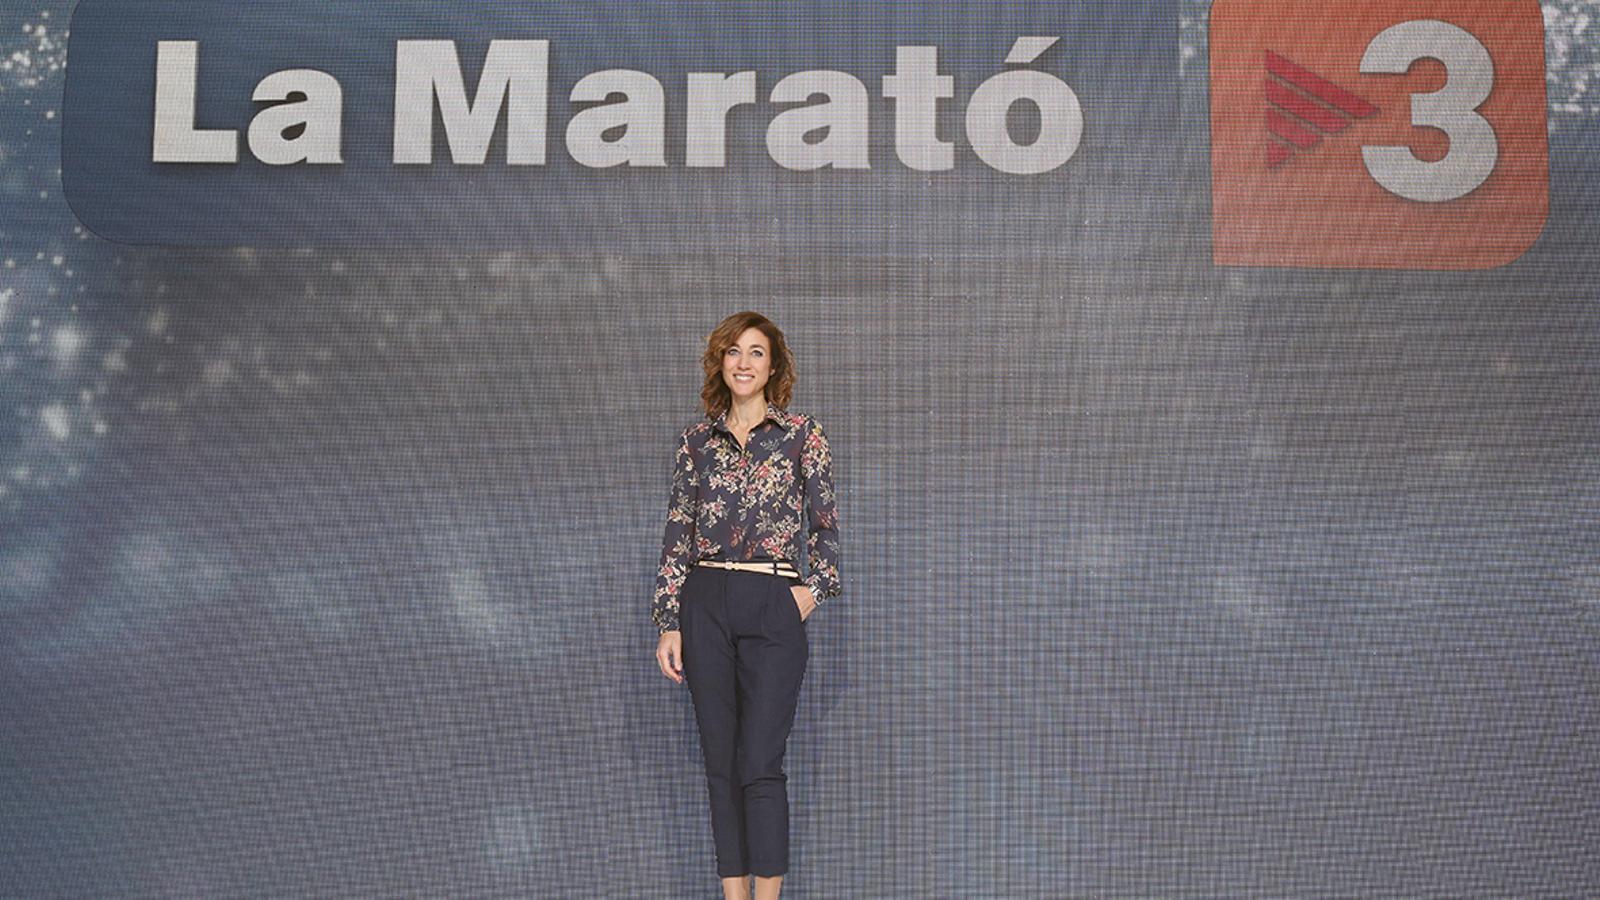 Arrenca 'La Marató', dedicada a les malalties infeccioses